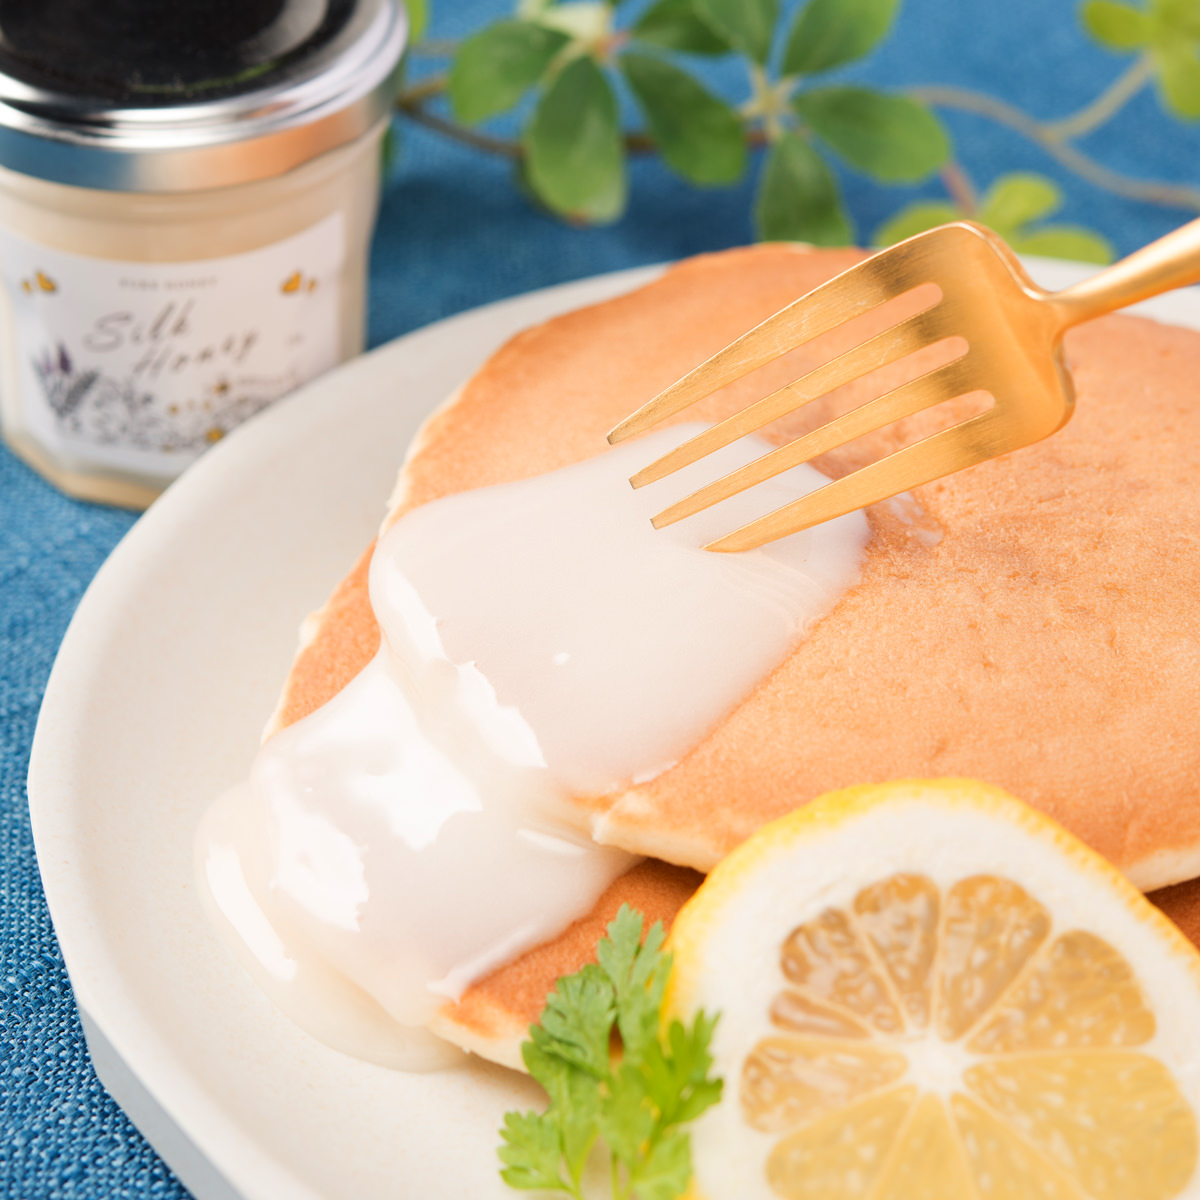 Asli キルギスの白いはちみつ Silk Honey 2個セット〔75g×2〕